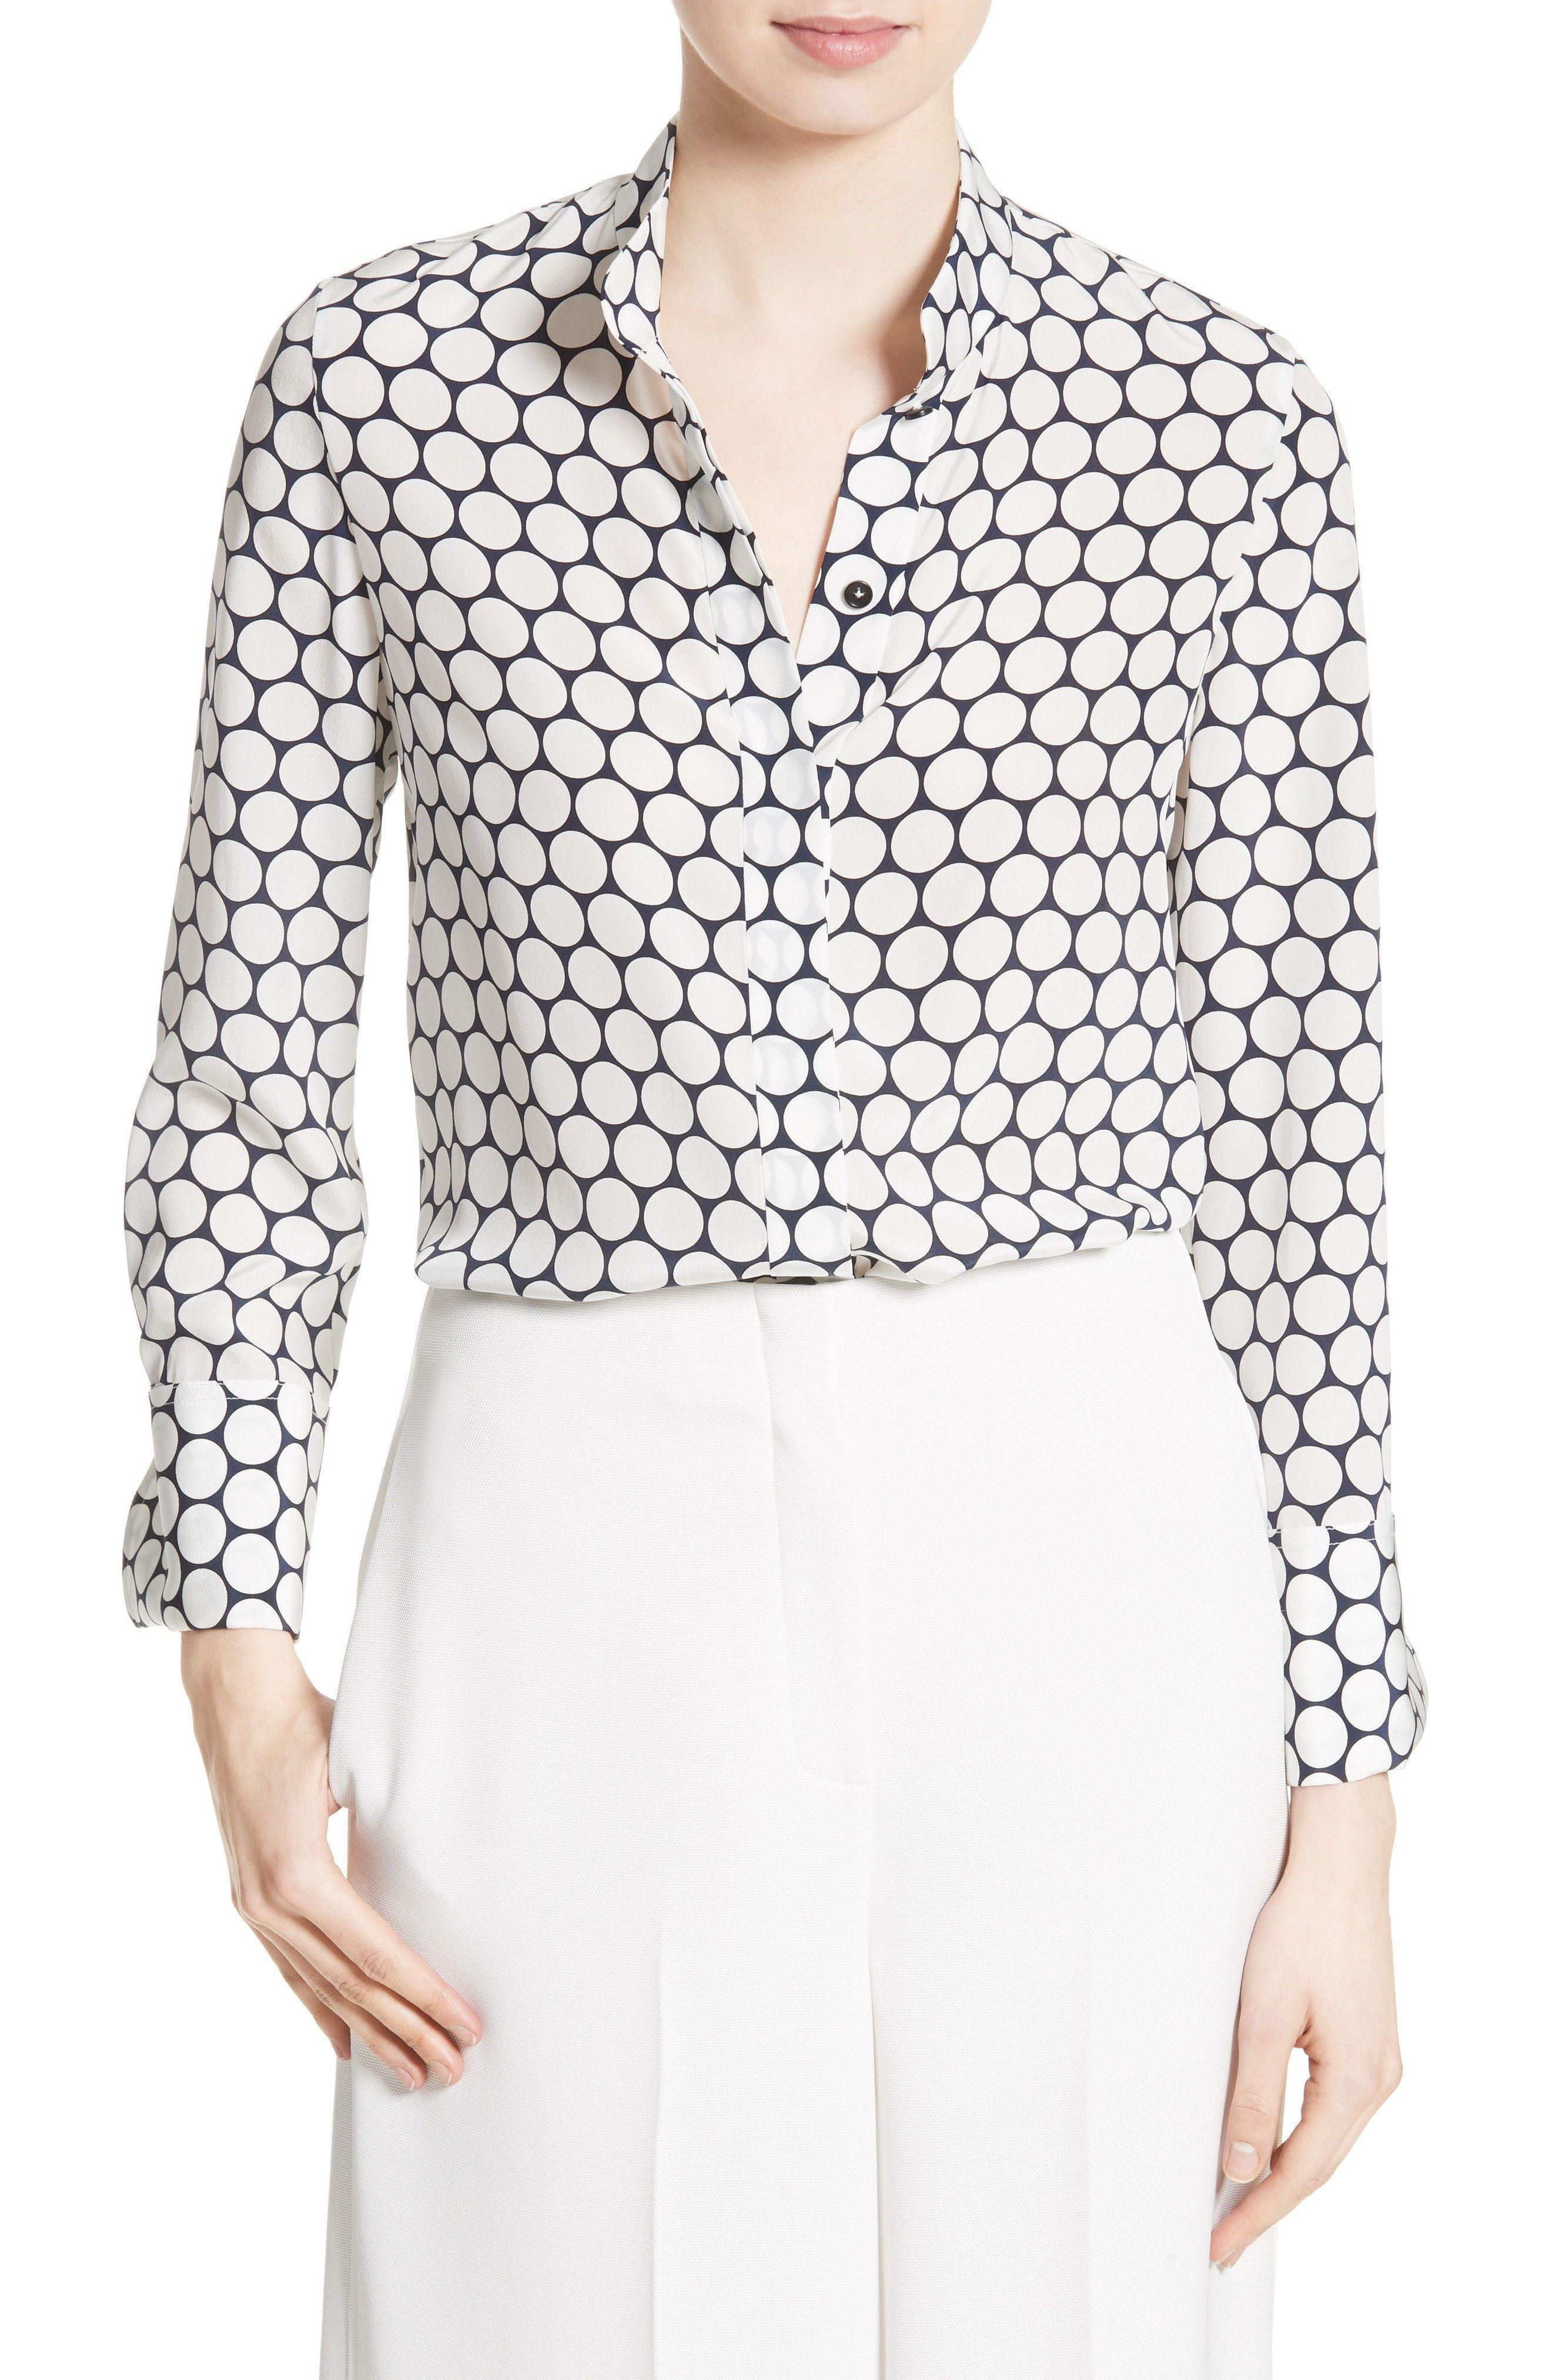 Buy Cheap Order Discount 100% Original Shirred Polka-dot Silk Top - White Diane Von Fürstenberg k4Z4Ww